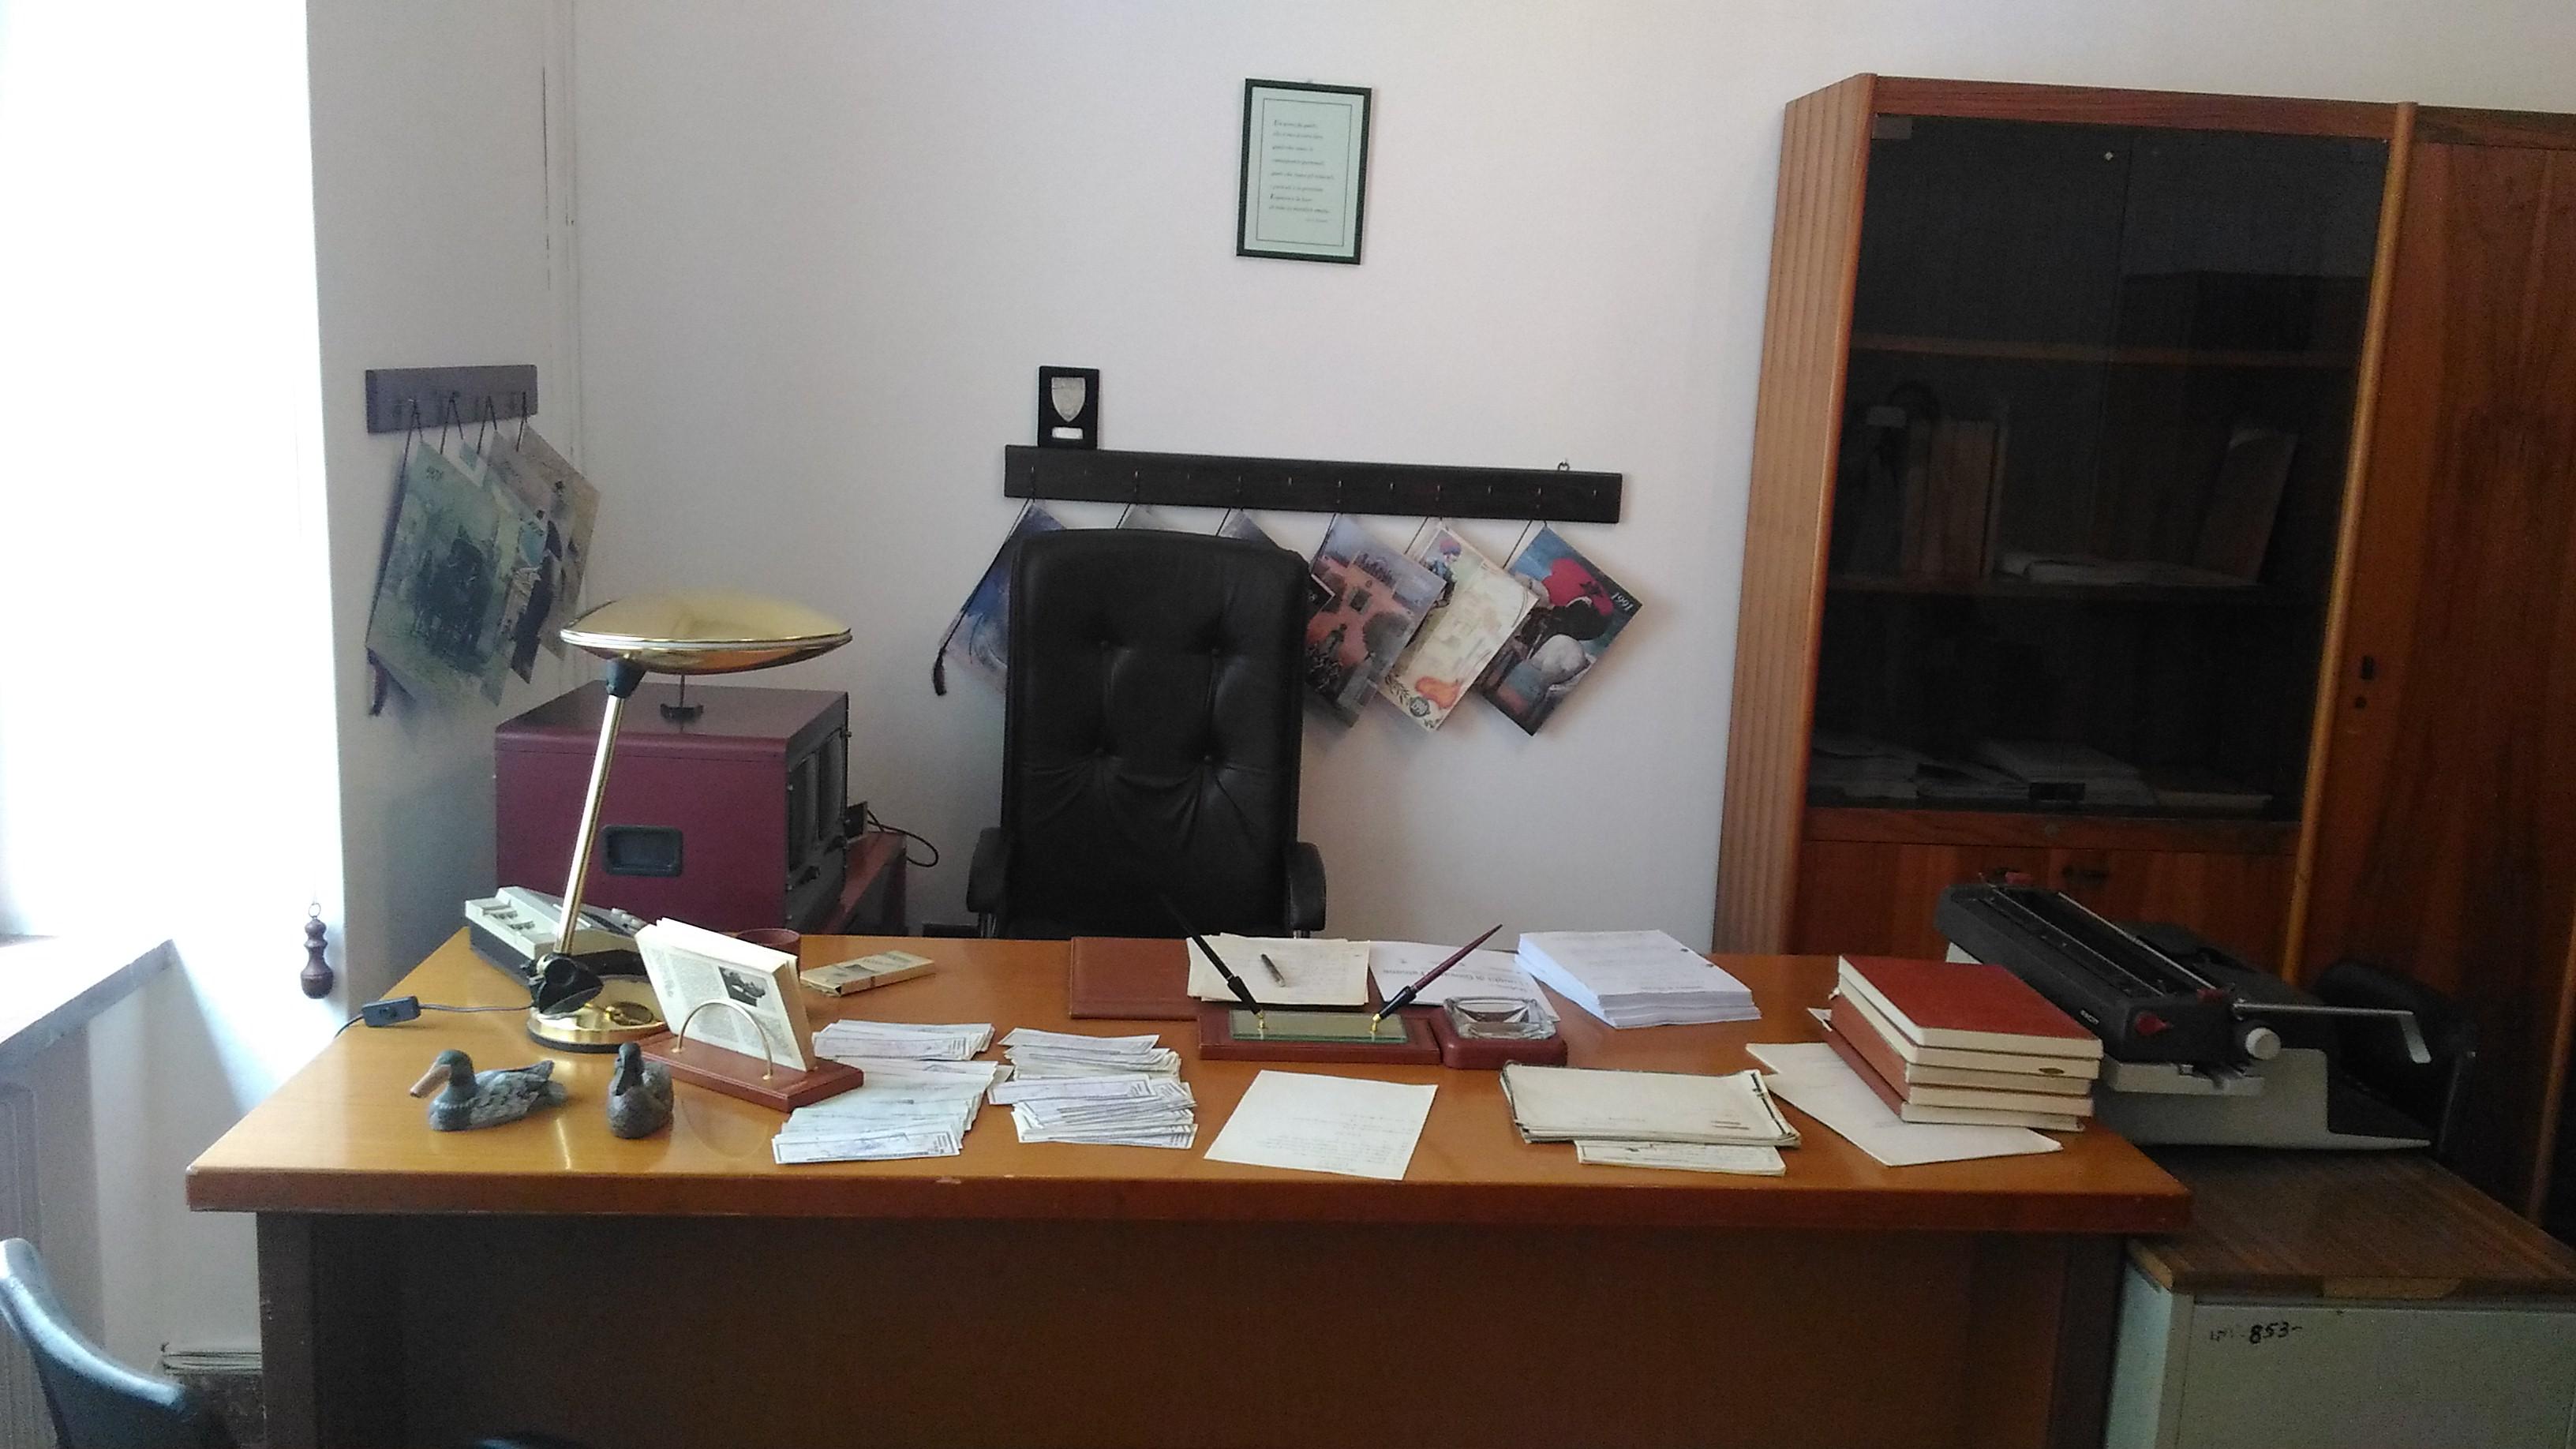 Ufficio Scrivania Jobs : Scrivania penna faldoni gli uffici di falcone e borsellino